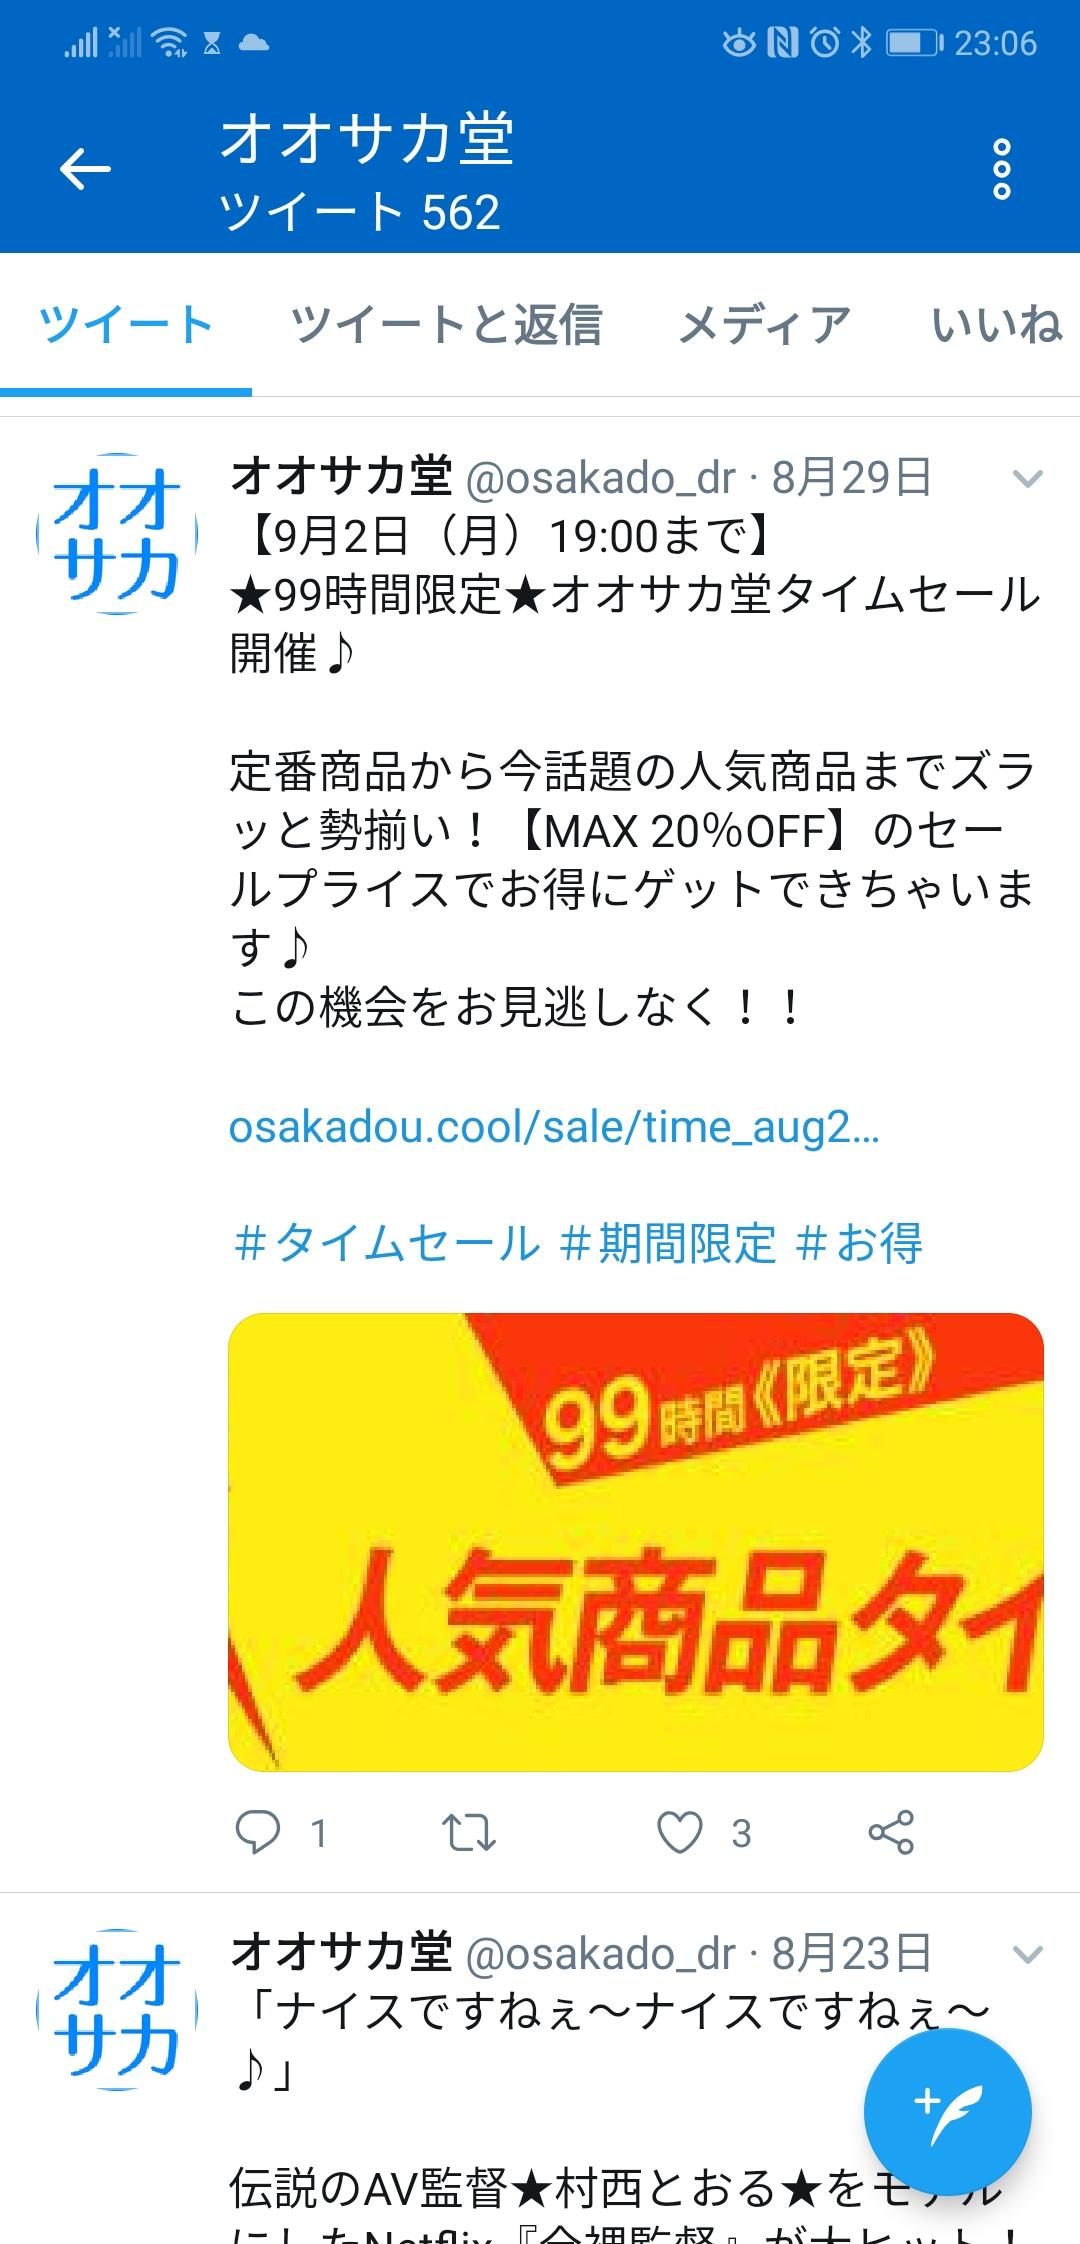 オオサカ堂 クーポン